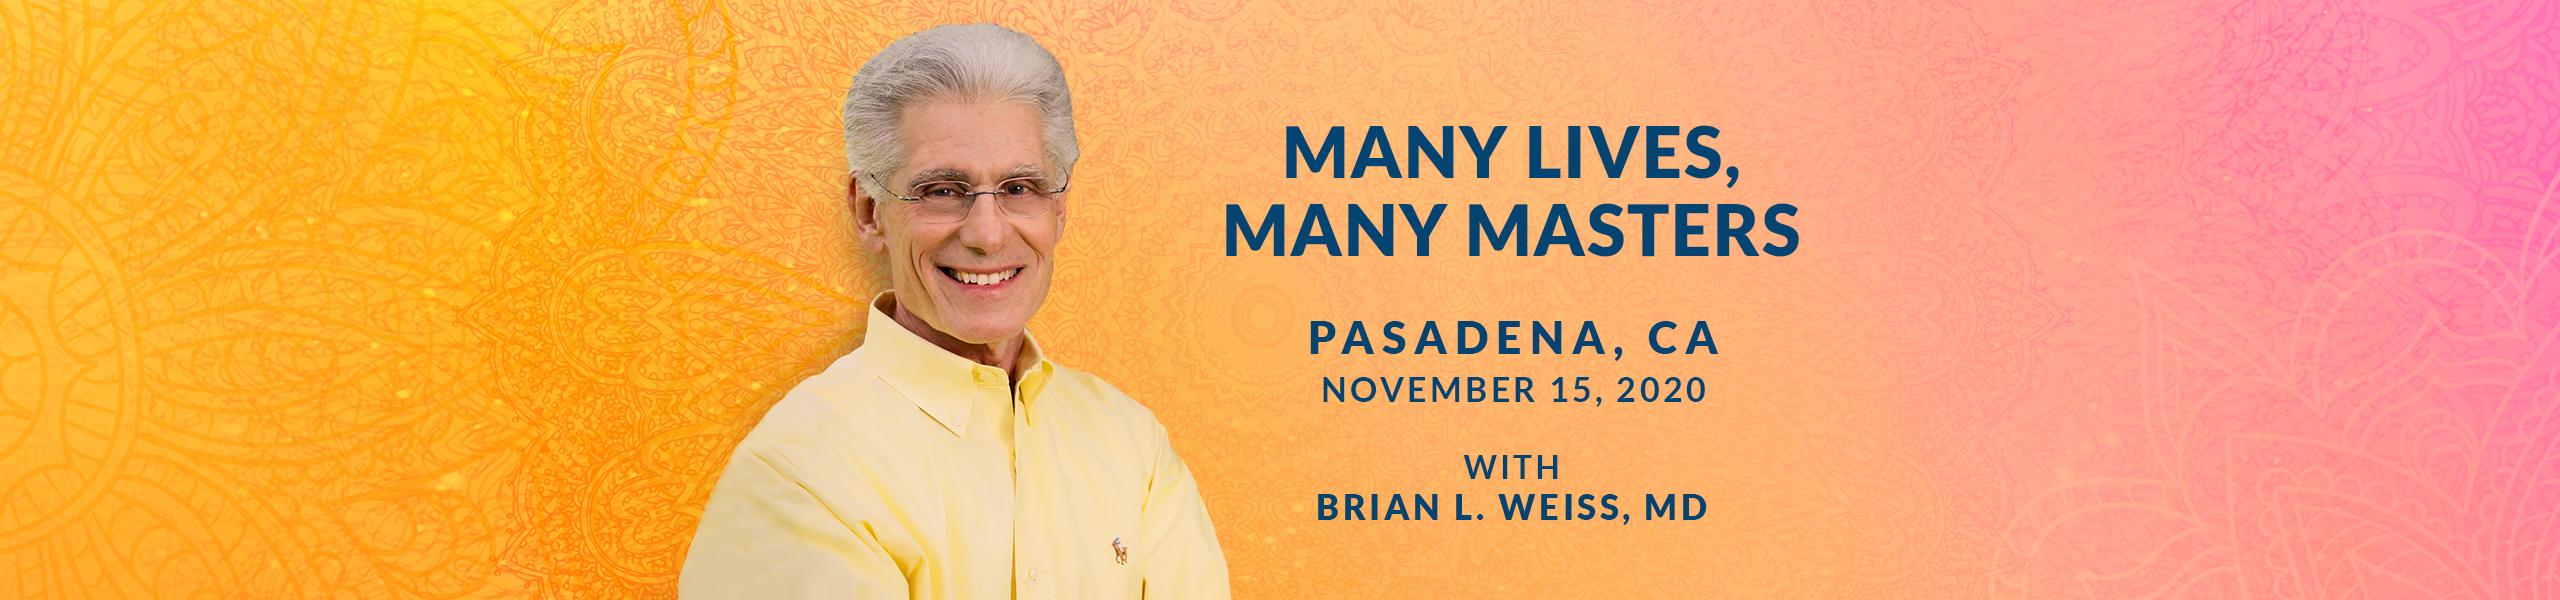 Many Lives, Many Masters 2020 Pasadena